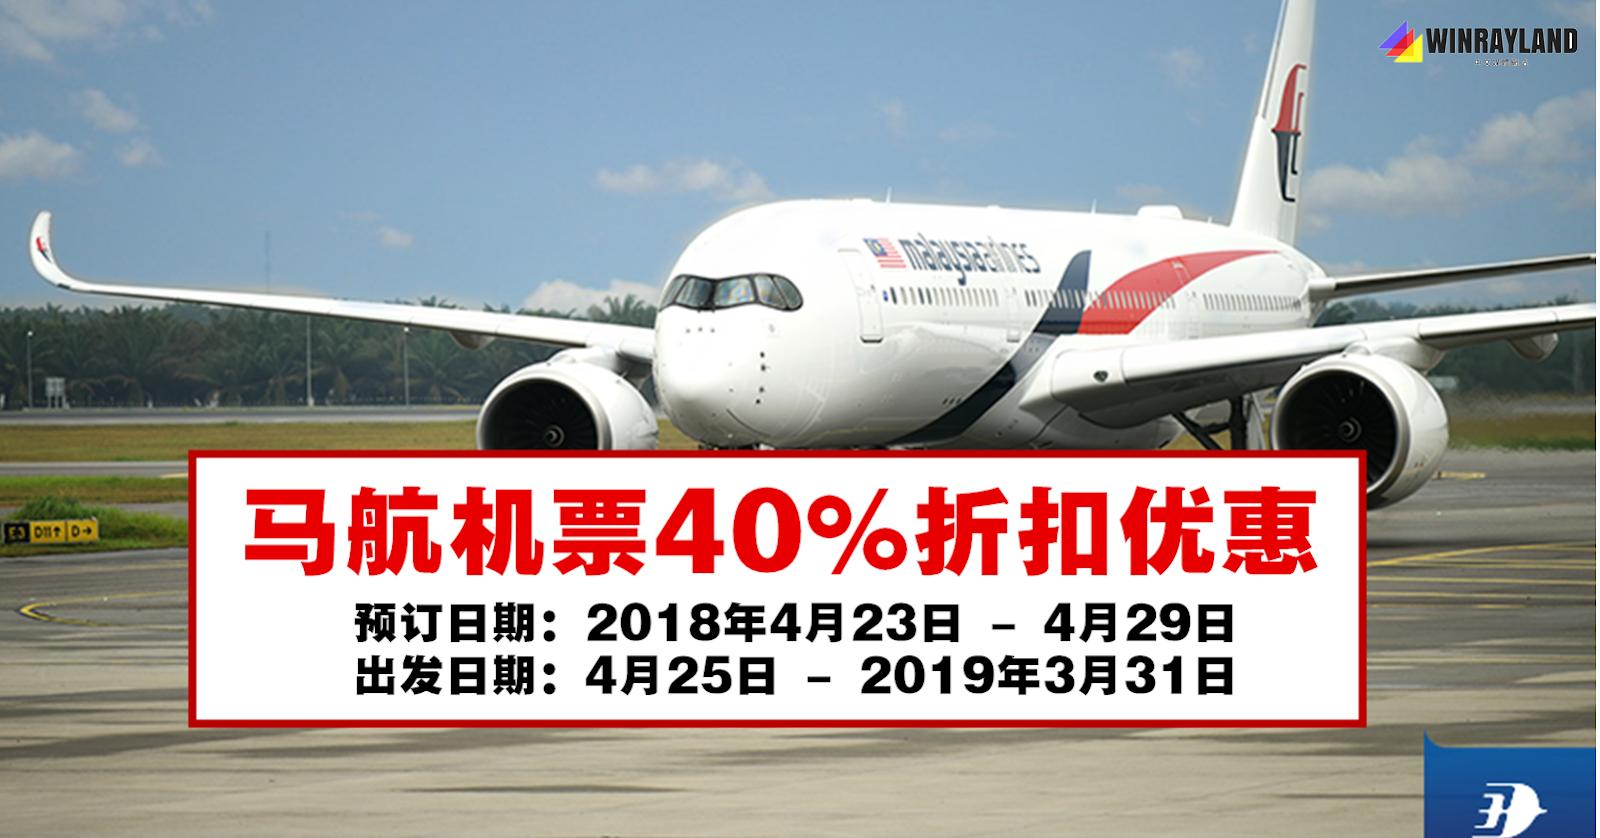 马航机票40%折扣优惠